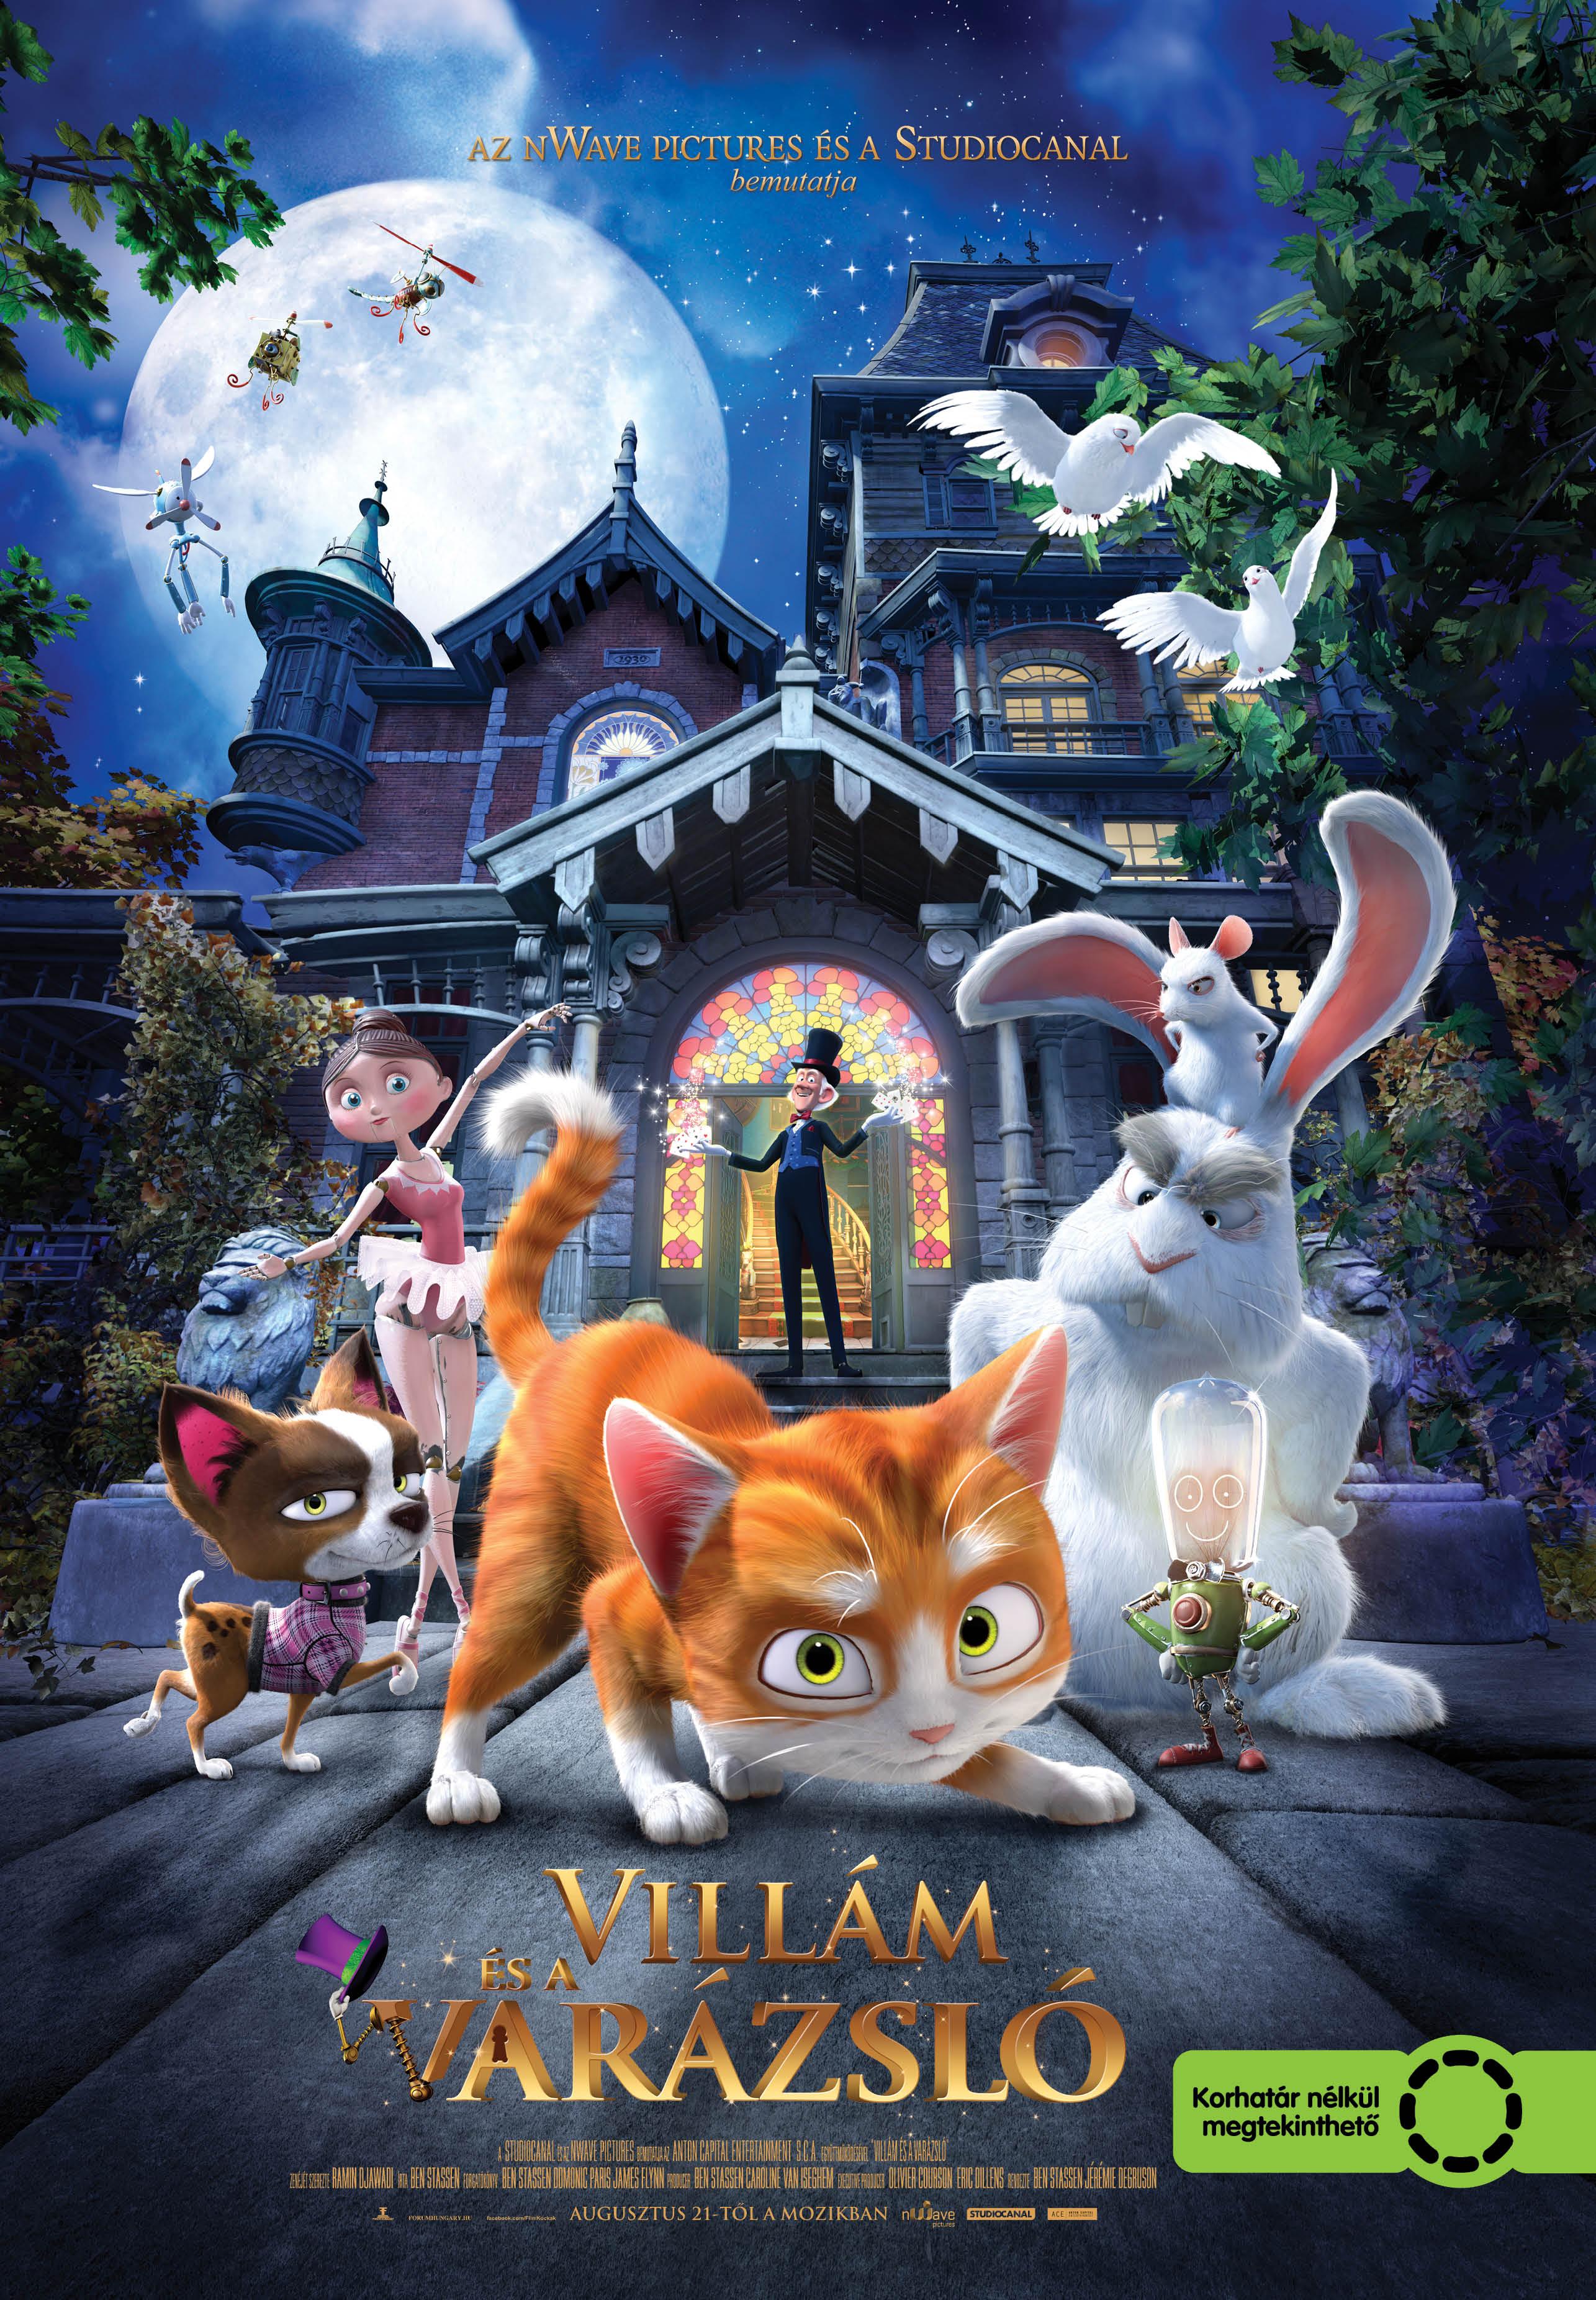 http://m.cdn.blog.hu/pr/premierfilmek/image//Villam_es_a_Varazslo_B1_kicsi.jpg